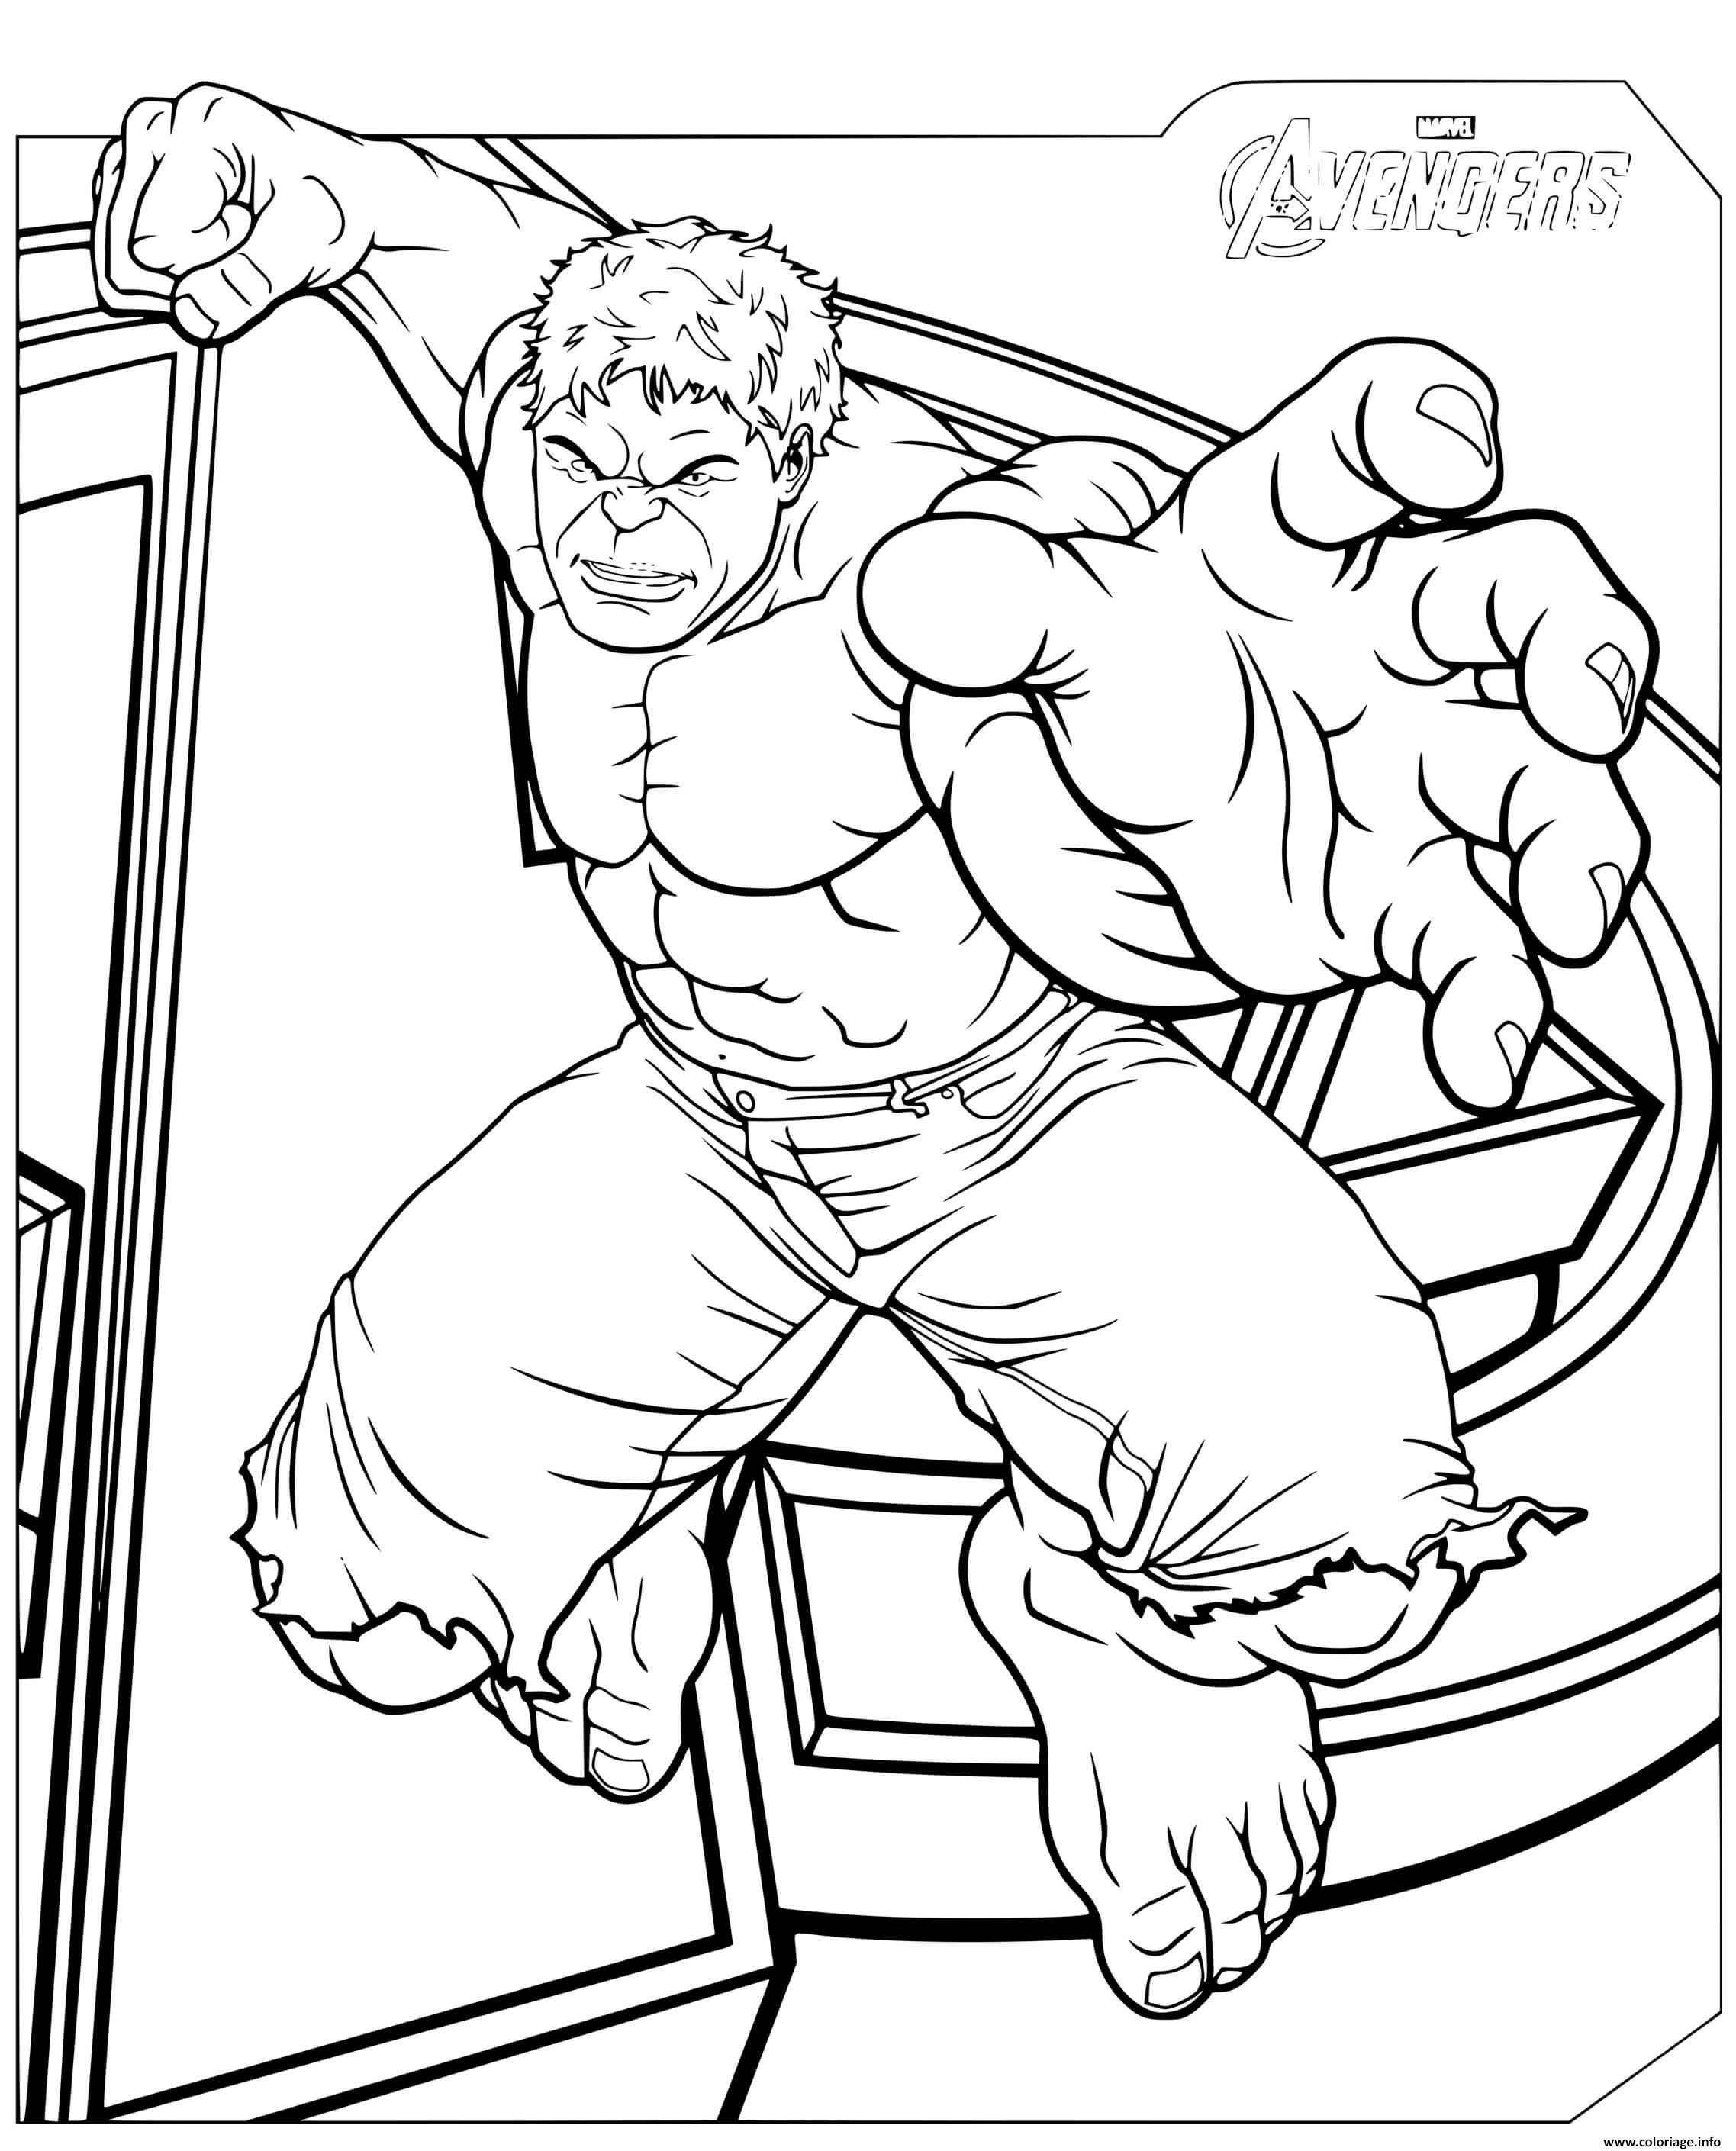 Dessin avengers marvel hulk en action Coloriage Gratuit à Imprimer